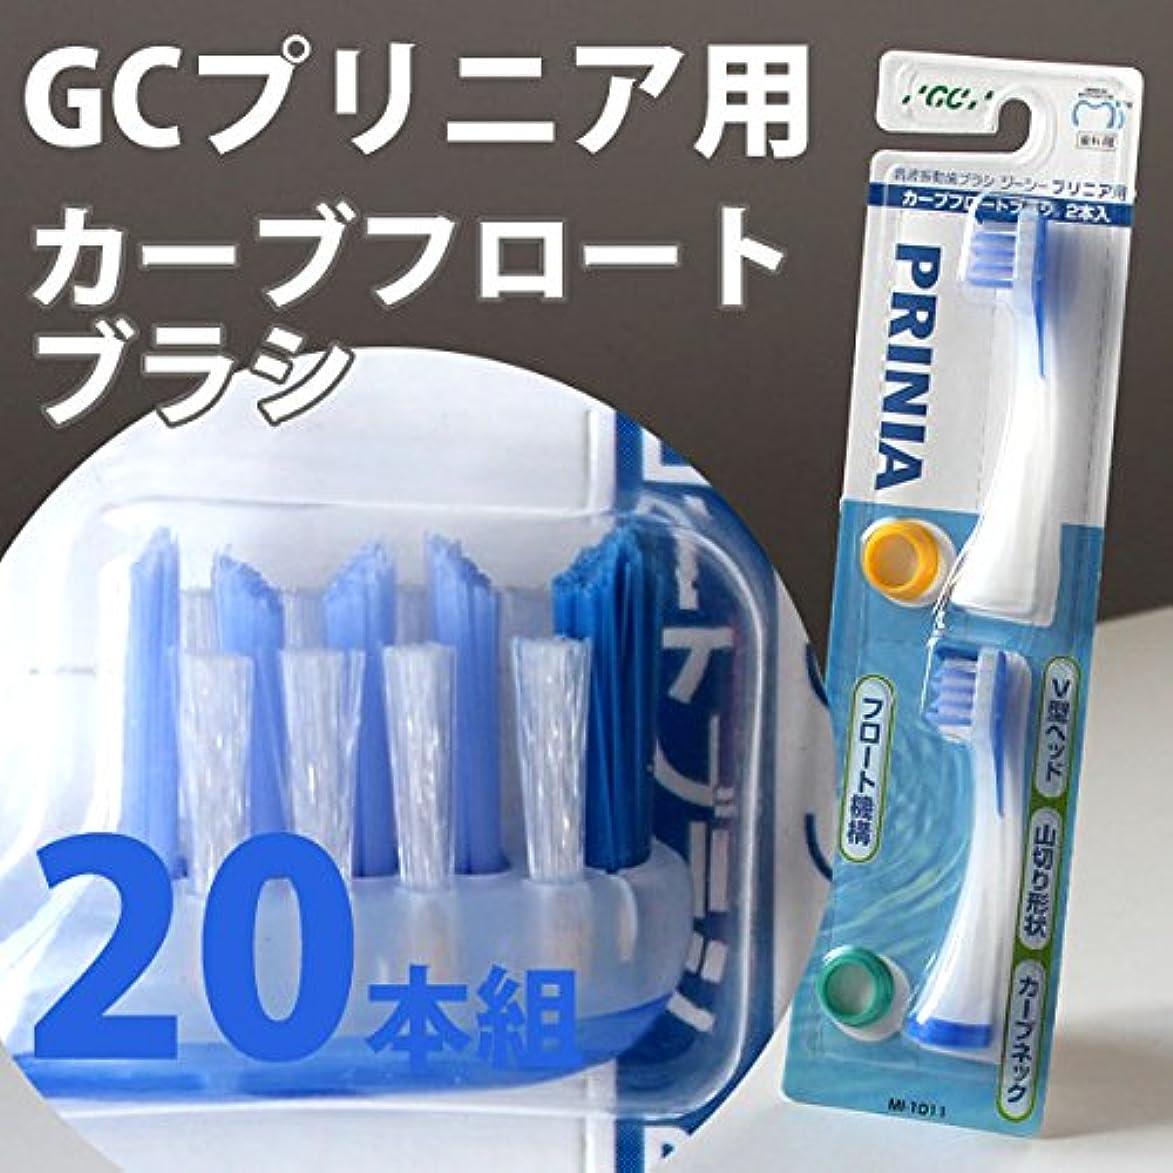 叱る行進覚えているプリニア GC 音波振動 歯ブラシ プリニアスリム替えブラシ カーブフロートブラシ 10セット 便不 ブルー